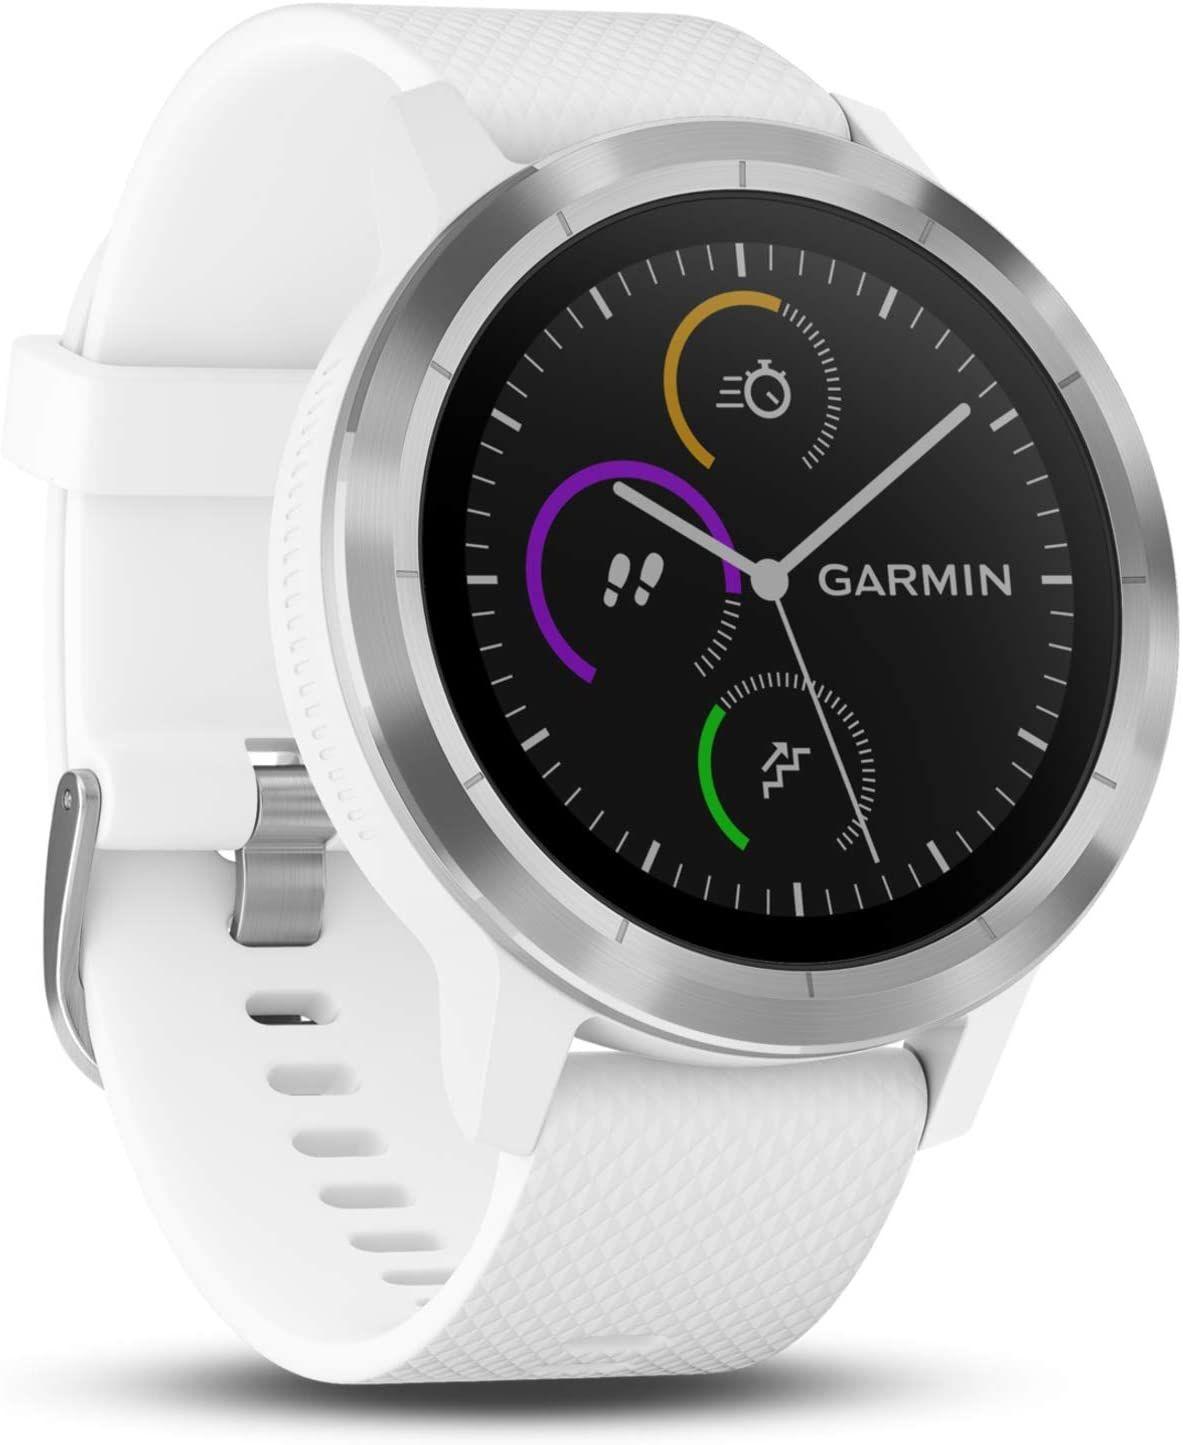 Montre connectée GPS Garmin Vivoactive 3 - Blanche (Via coupon)